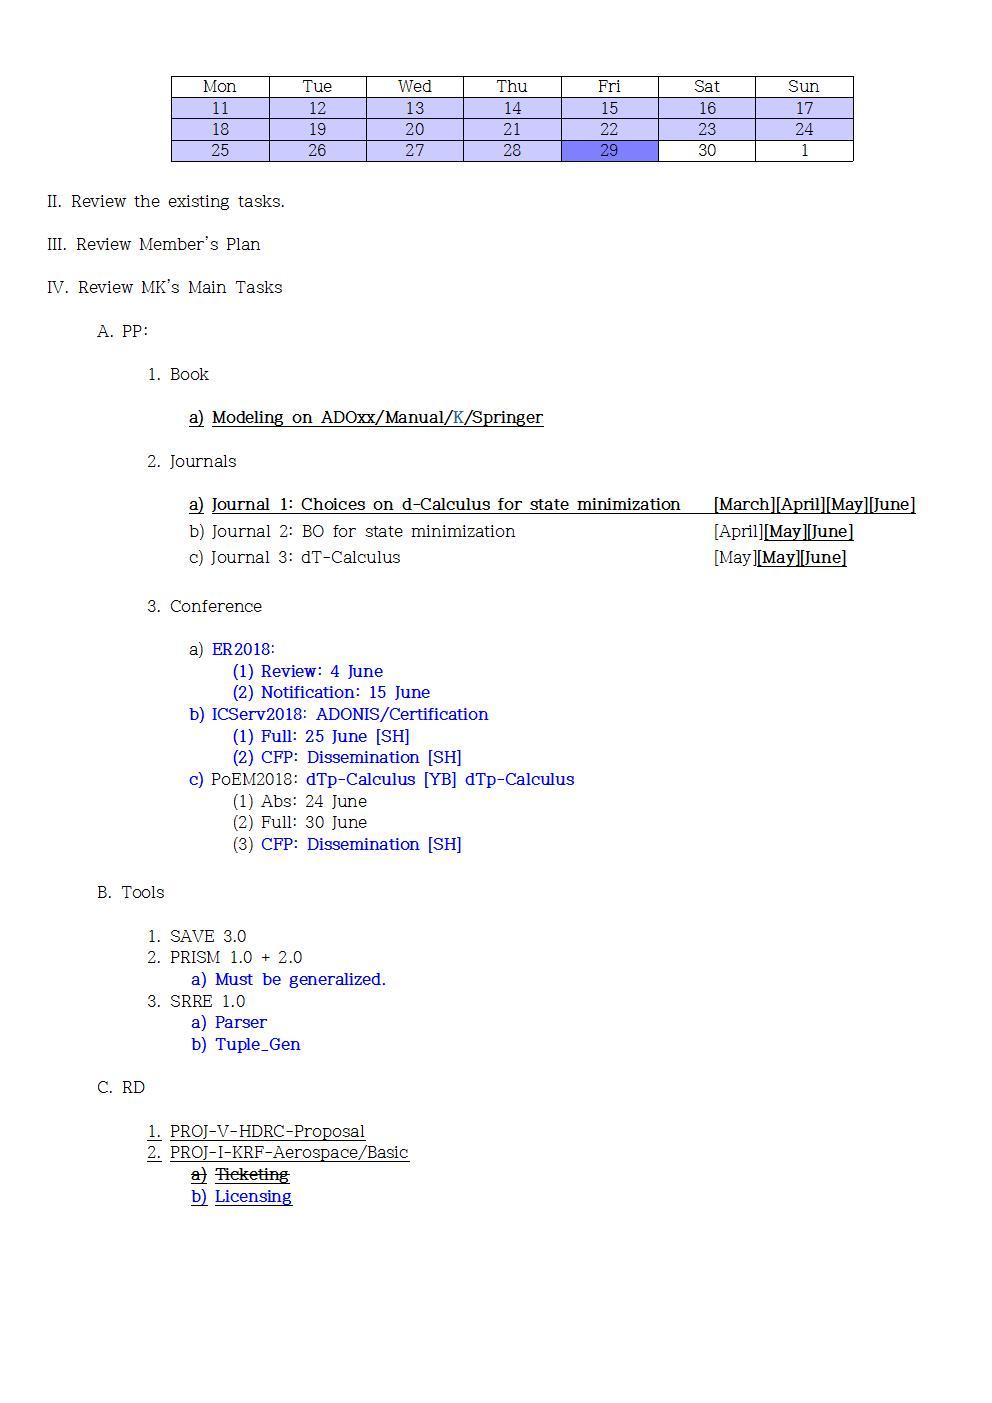 1-Mon-2018-06-11-PLAN-MK-Agenda002.jpg